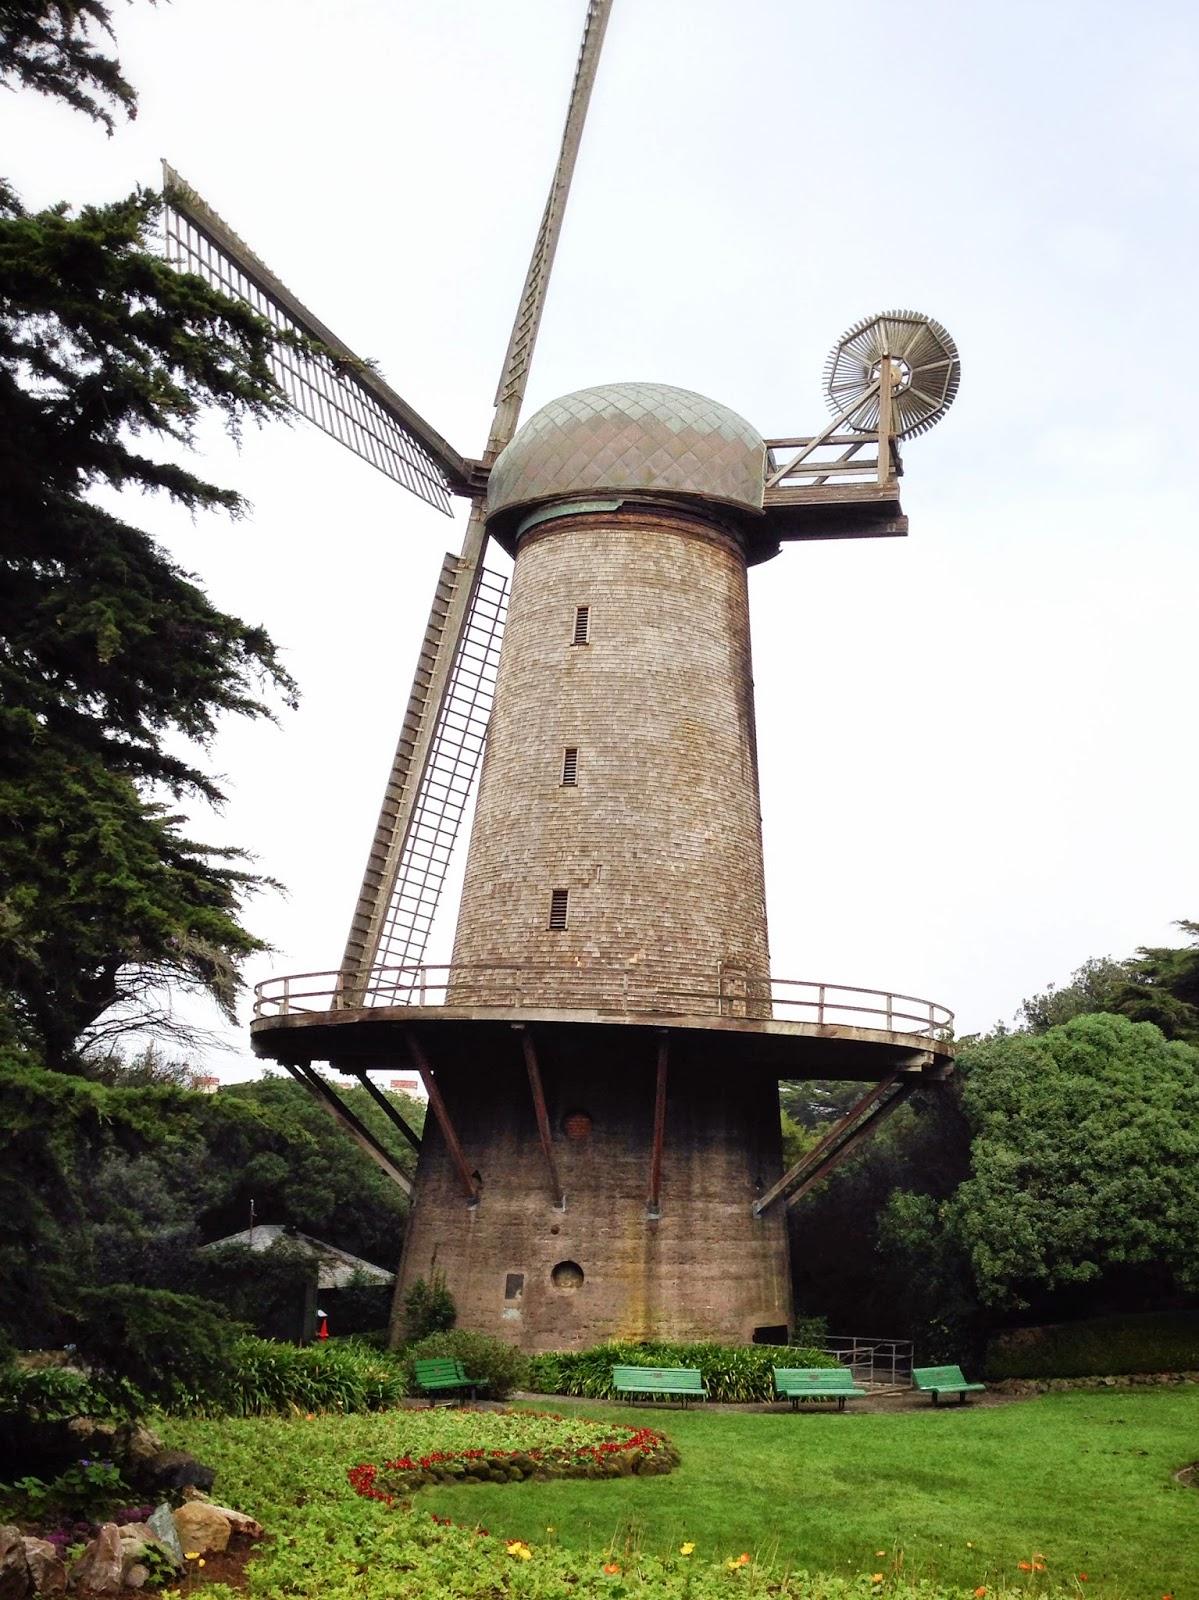 http://www.golden-gate-park.com/windmills.html